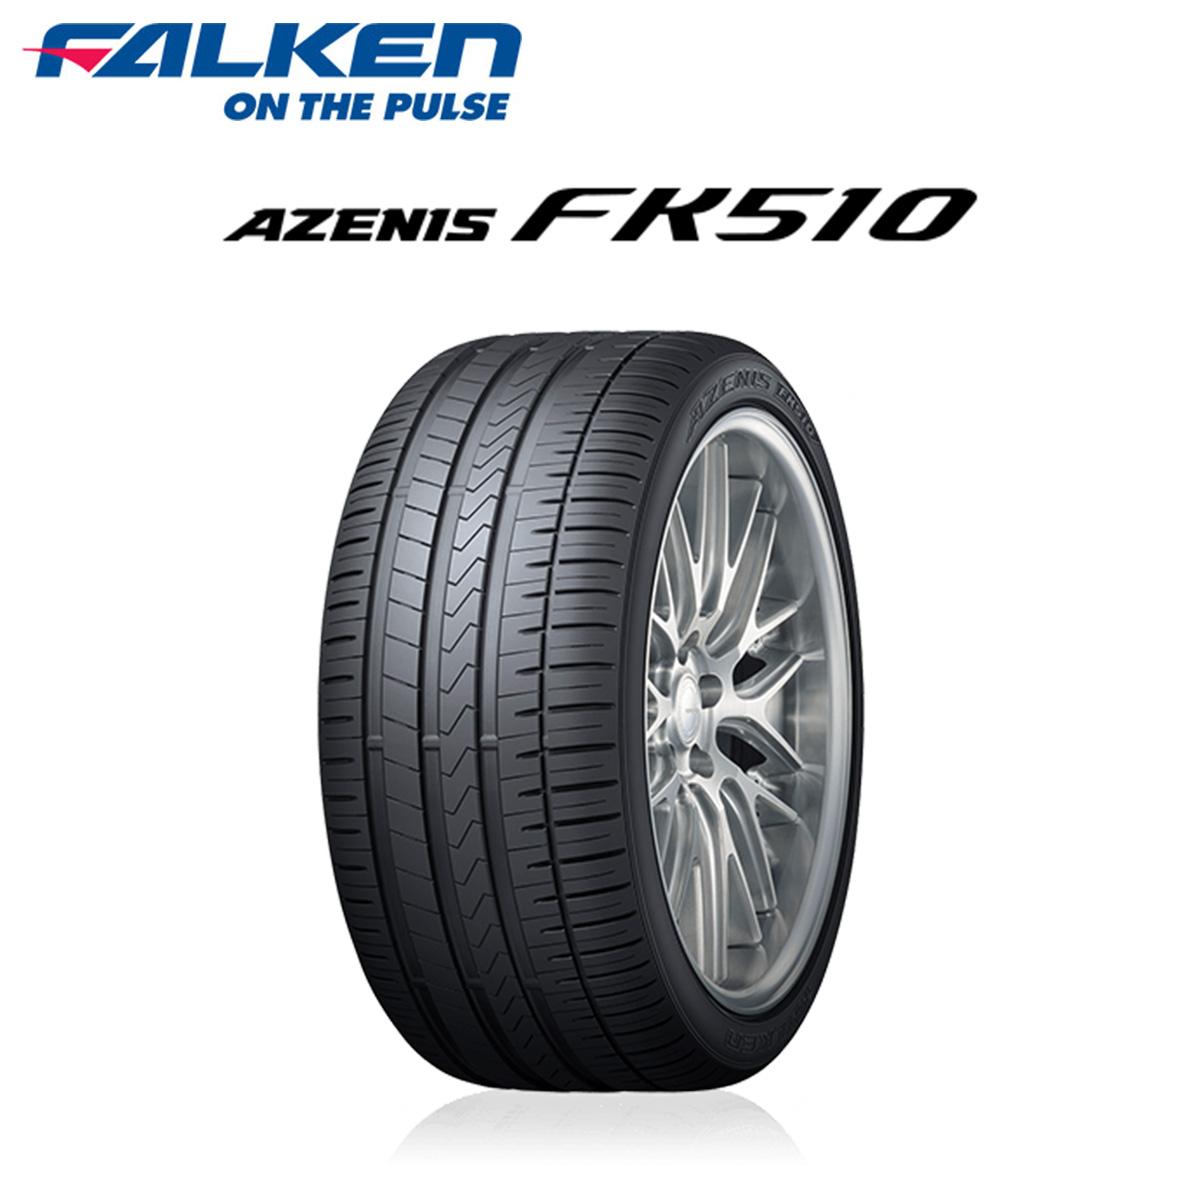 FALKEN ファルケン プレミアム フラッグシップ 4WD 4X4 4駆 タイヤ 4本 セット 19インチ 265/50R19 AZENIS FK510 SUV アゼニス